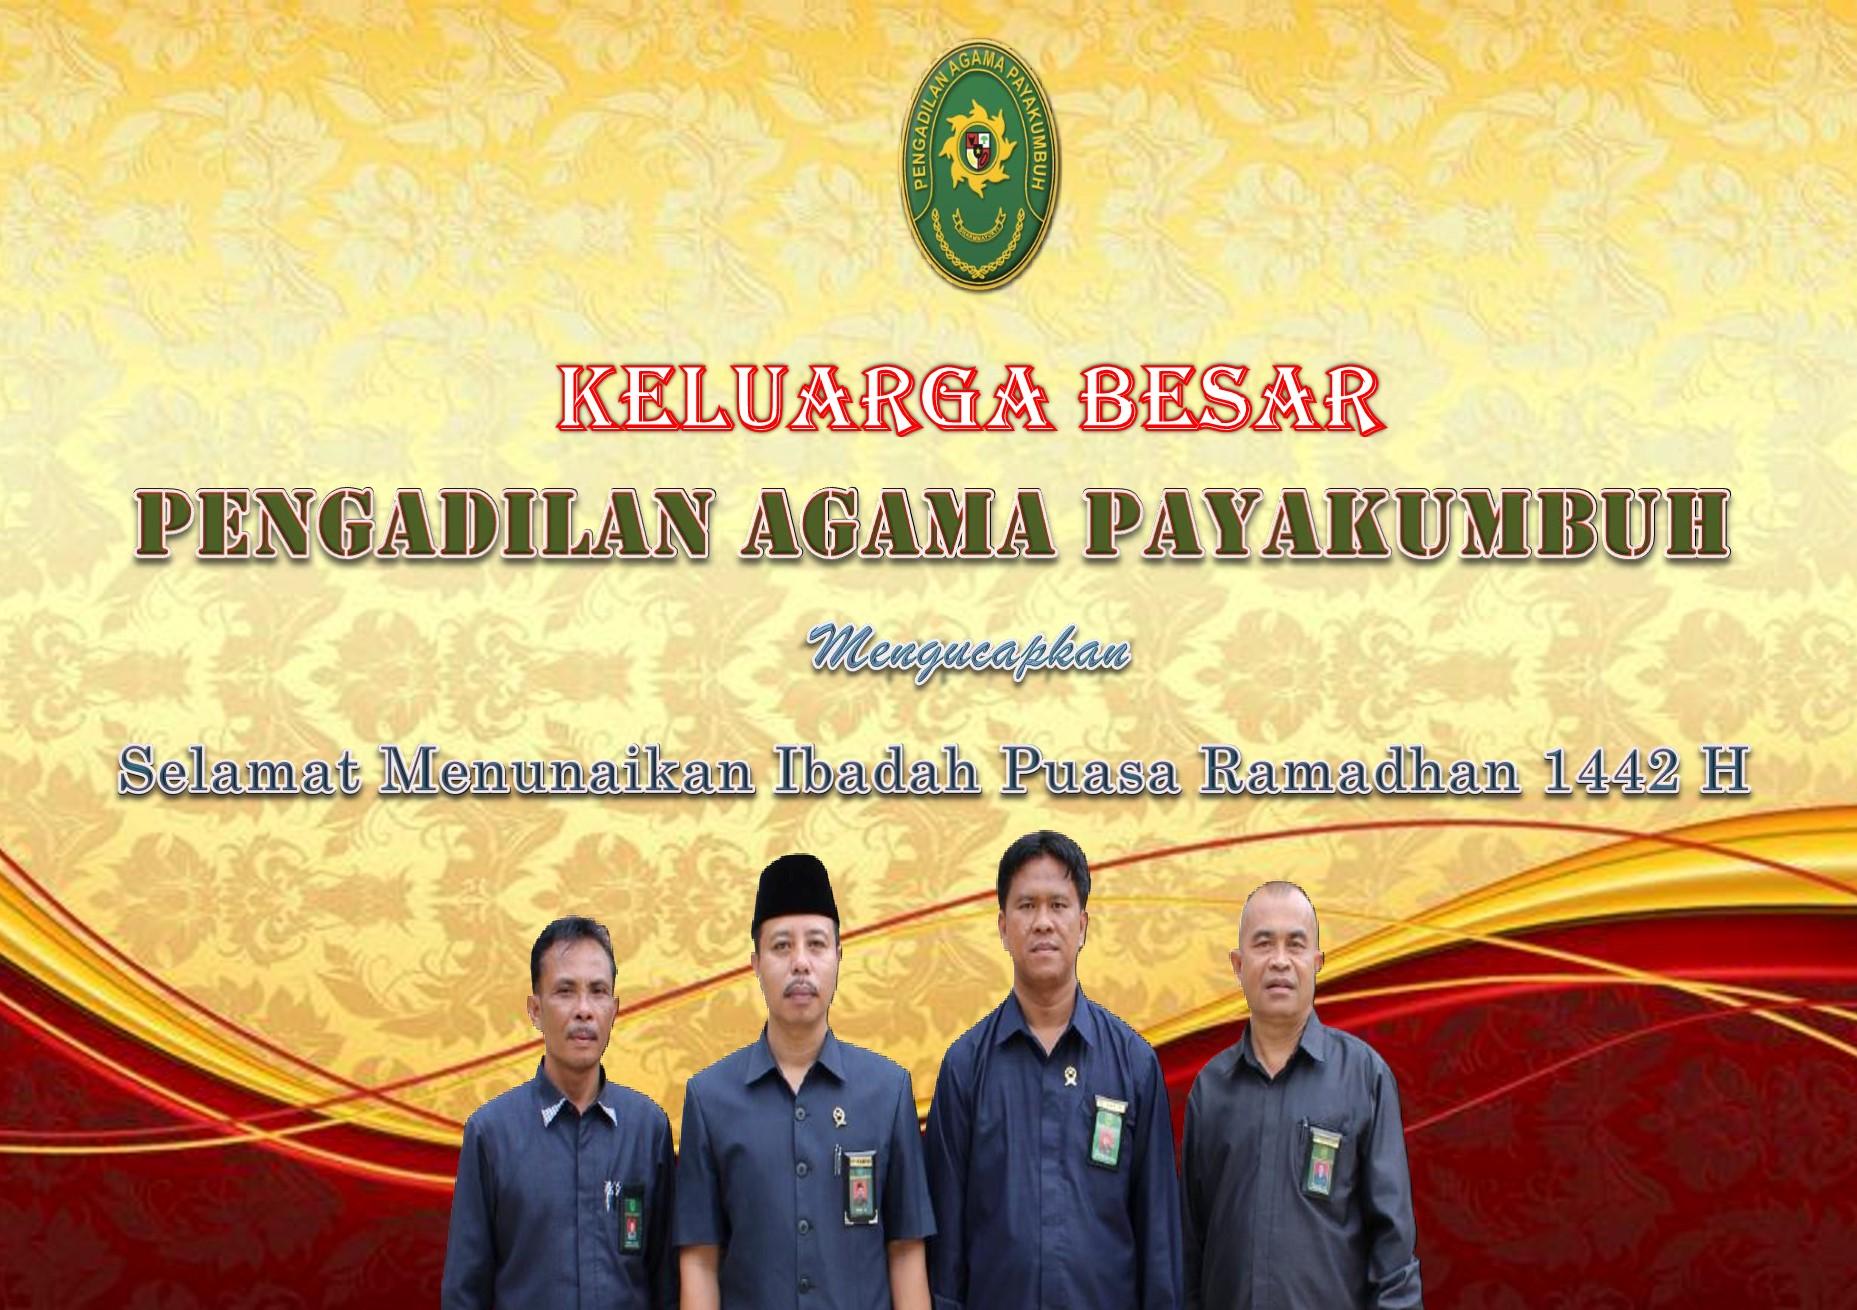 Keluarga Besar Pengadilan Agama Payakumbuh Mengucapkan Selamat Melaksanakan Ibadah Puasa 1442 H